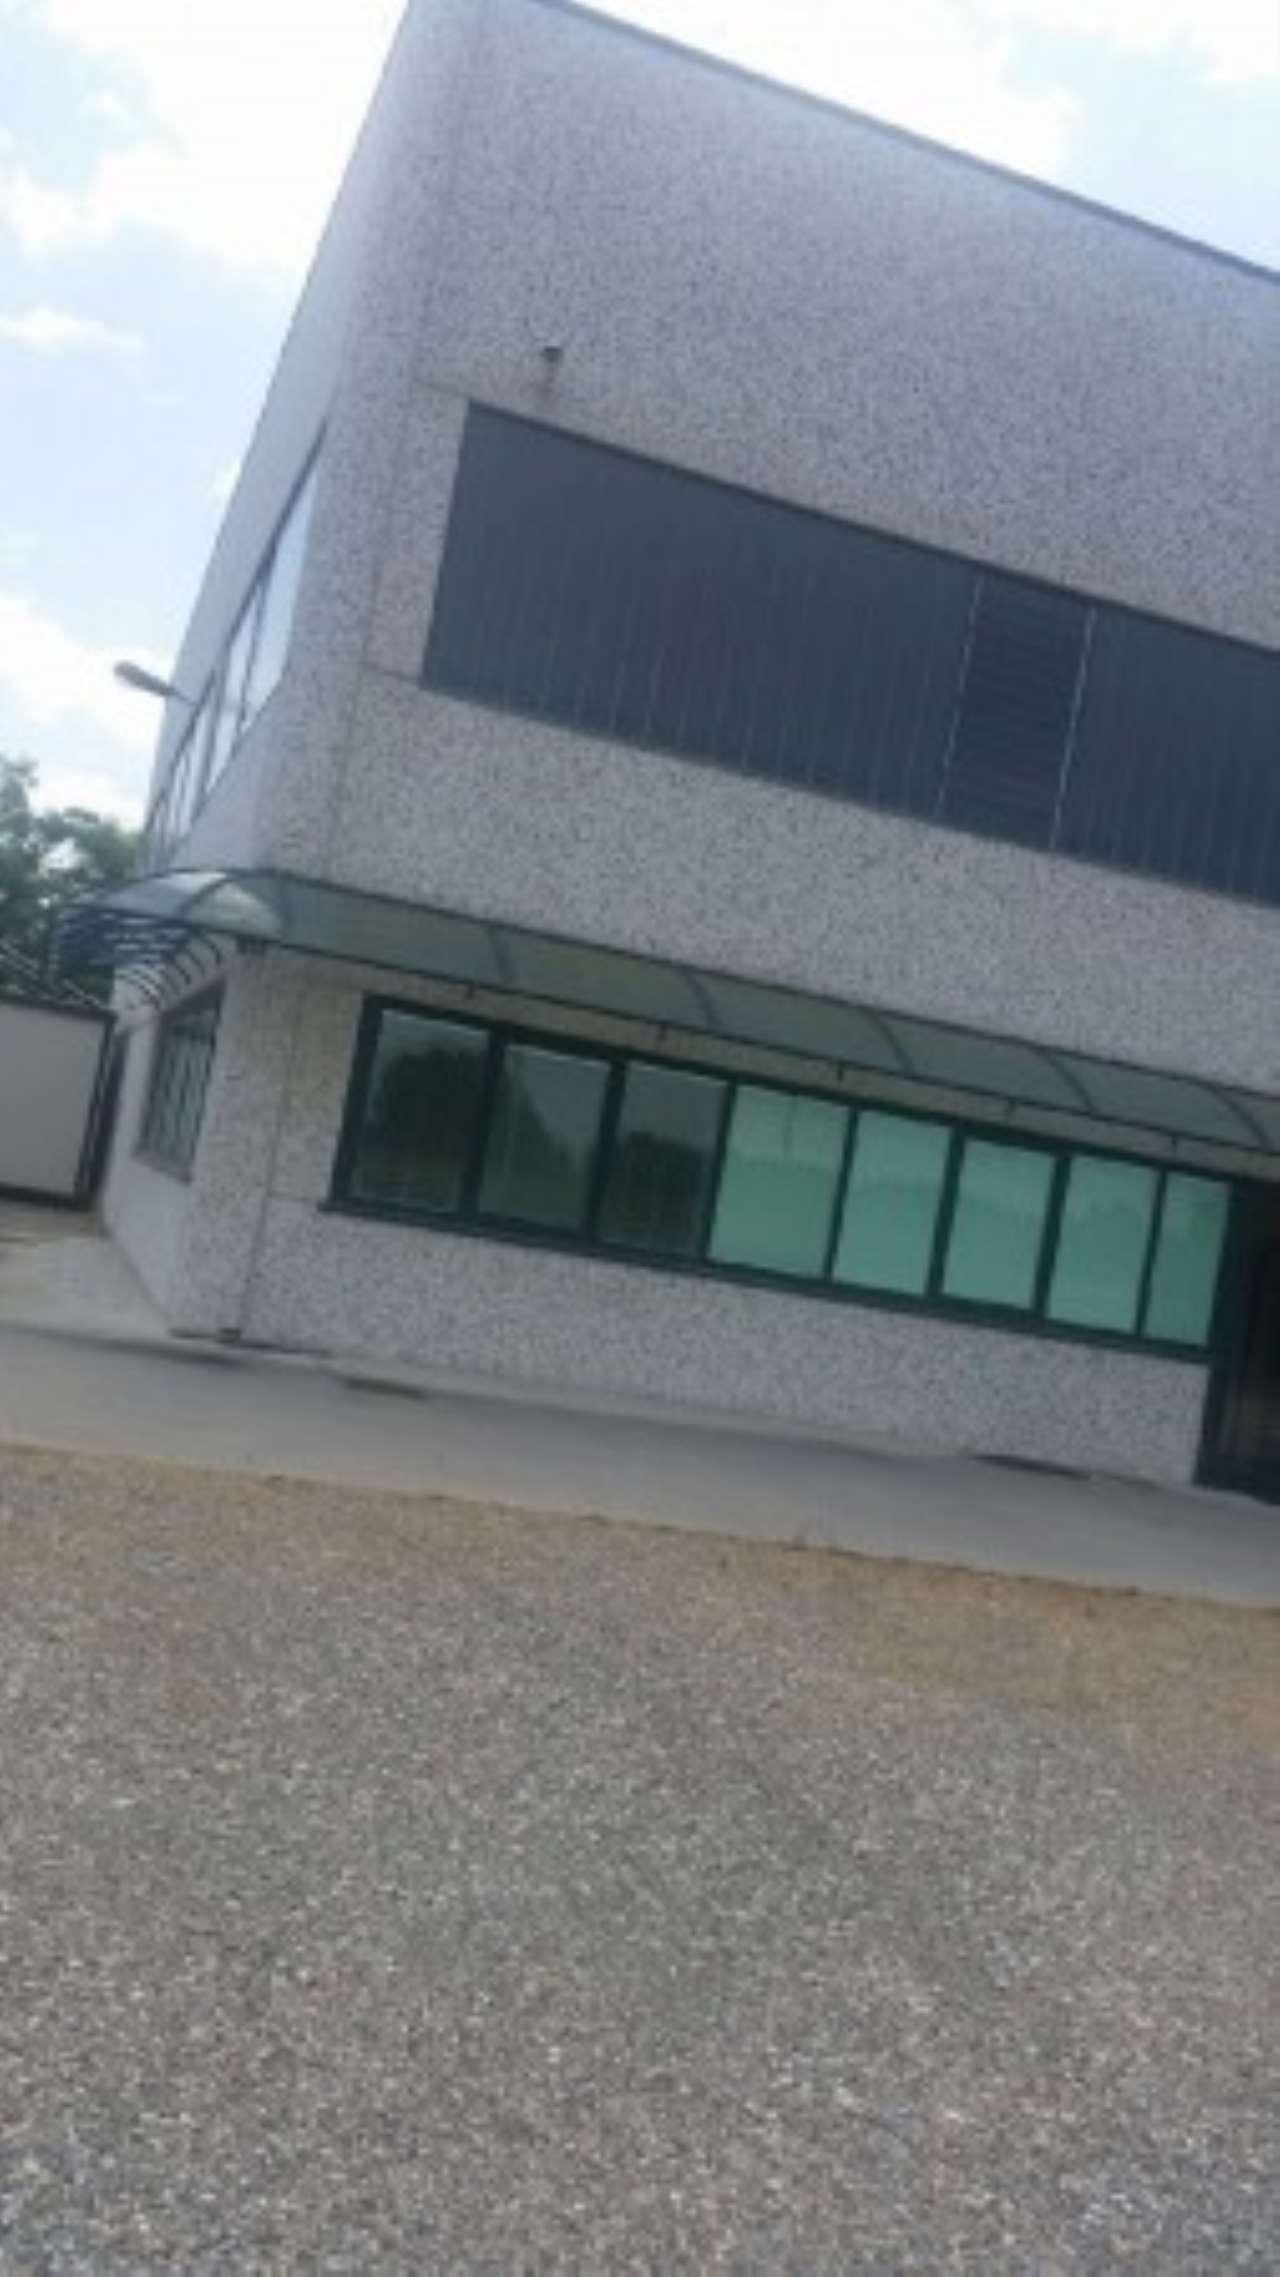 Capannone in vendita a Arena Po, 1 locali, prezzo € 700.000 | CambioCasa.it